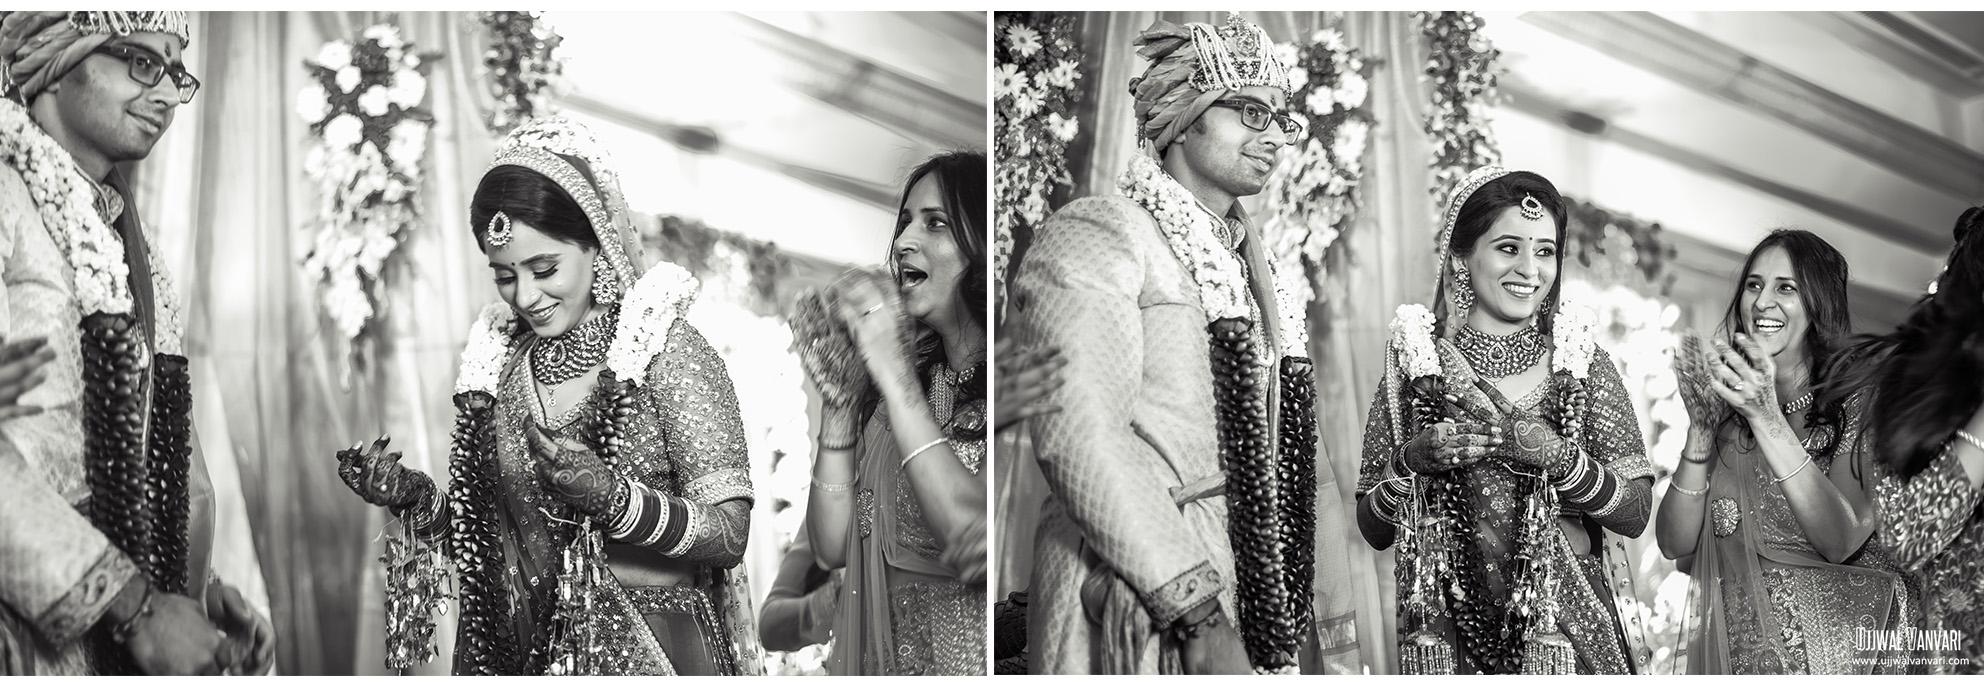 Best Wedding Photographer in Lucknow | Mannat & Rishabh Wedding | Wedding Photography